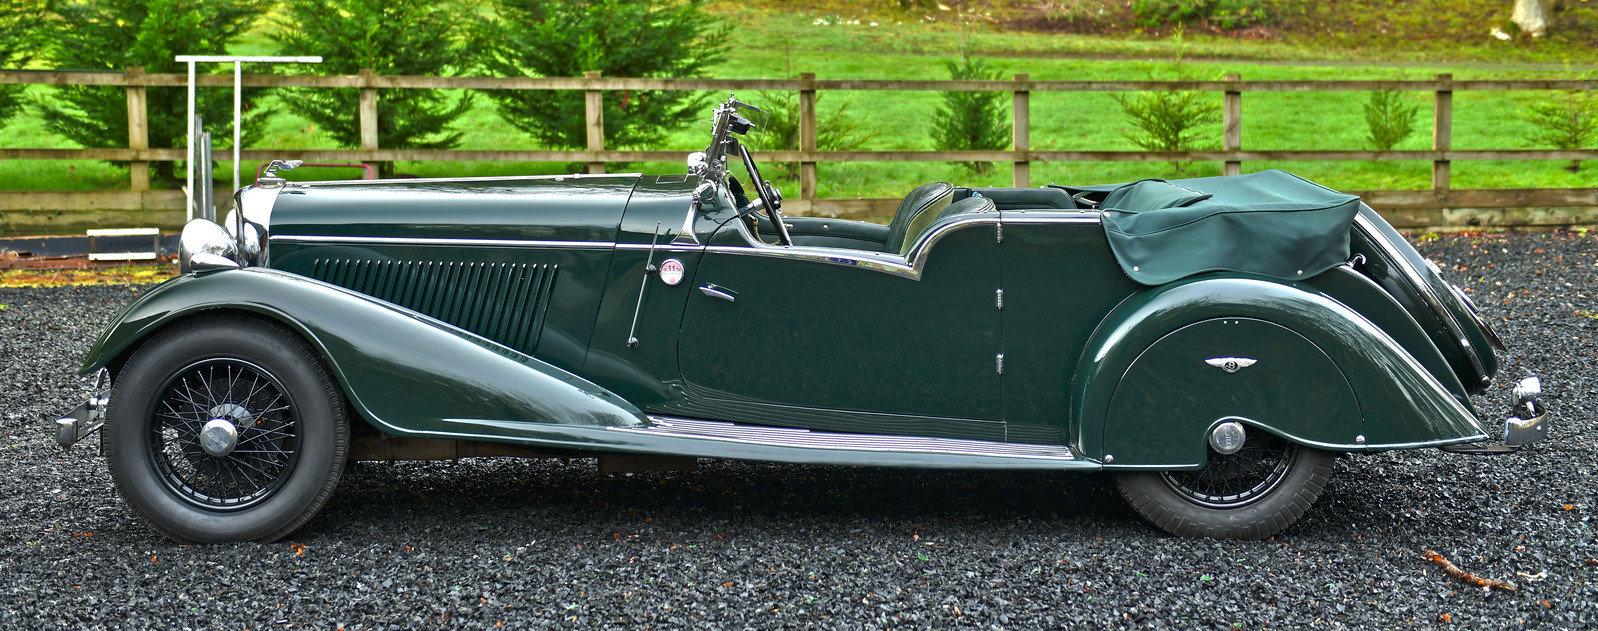 1936 Bentley 4¼-Litre Vanden Plas Tourer For Sale (picture 2 of 6)